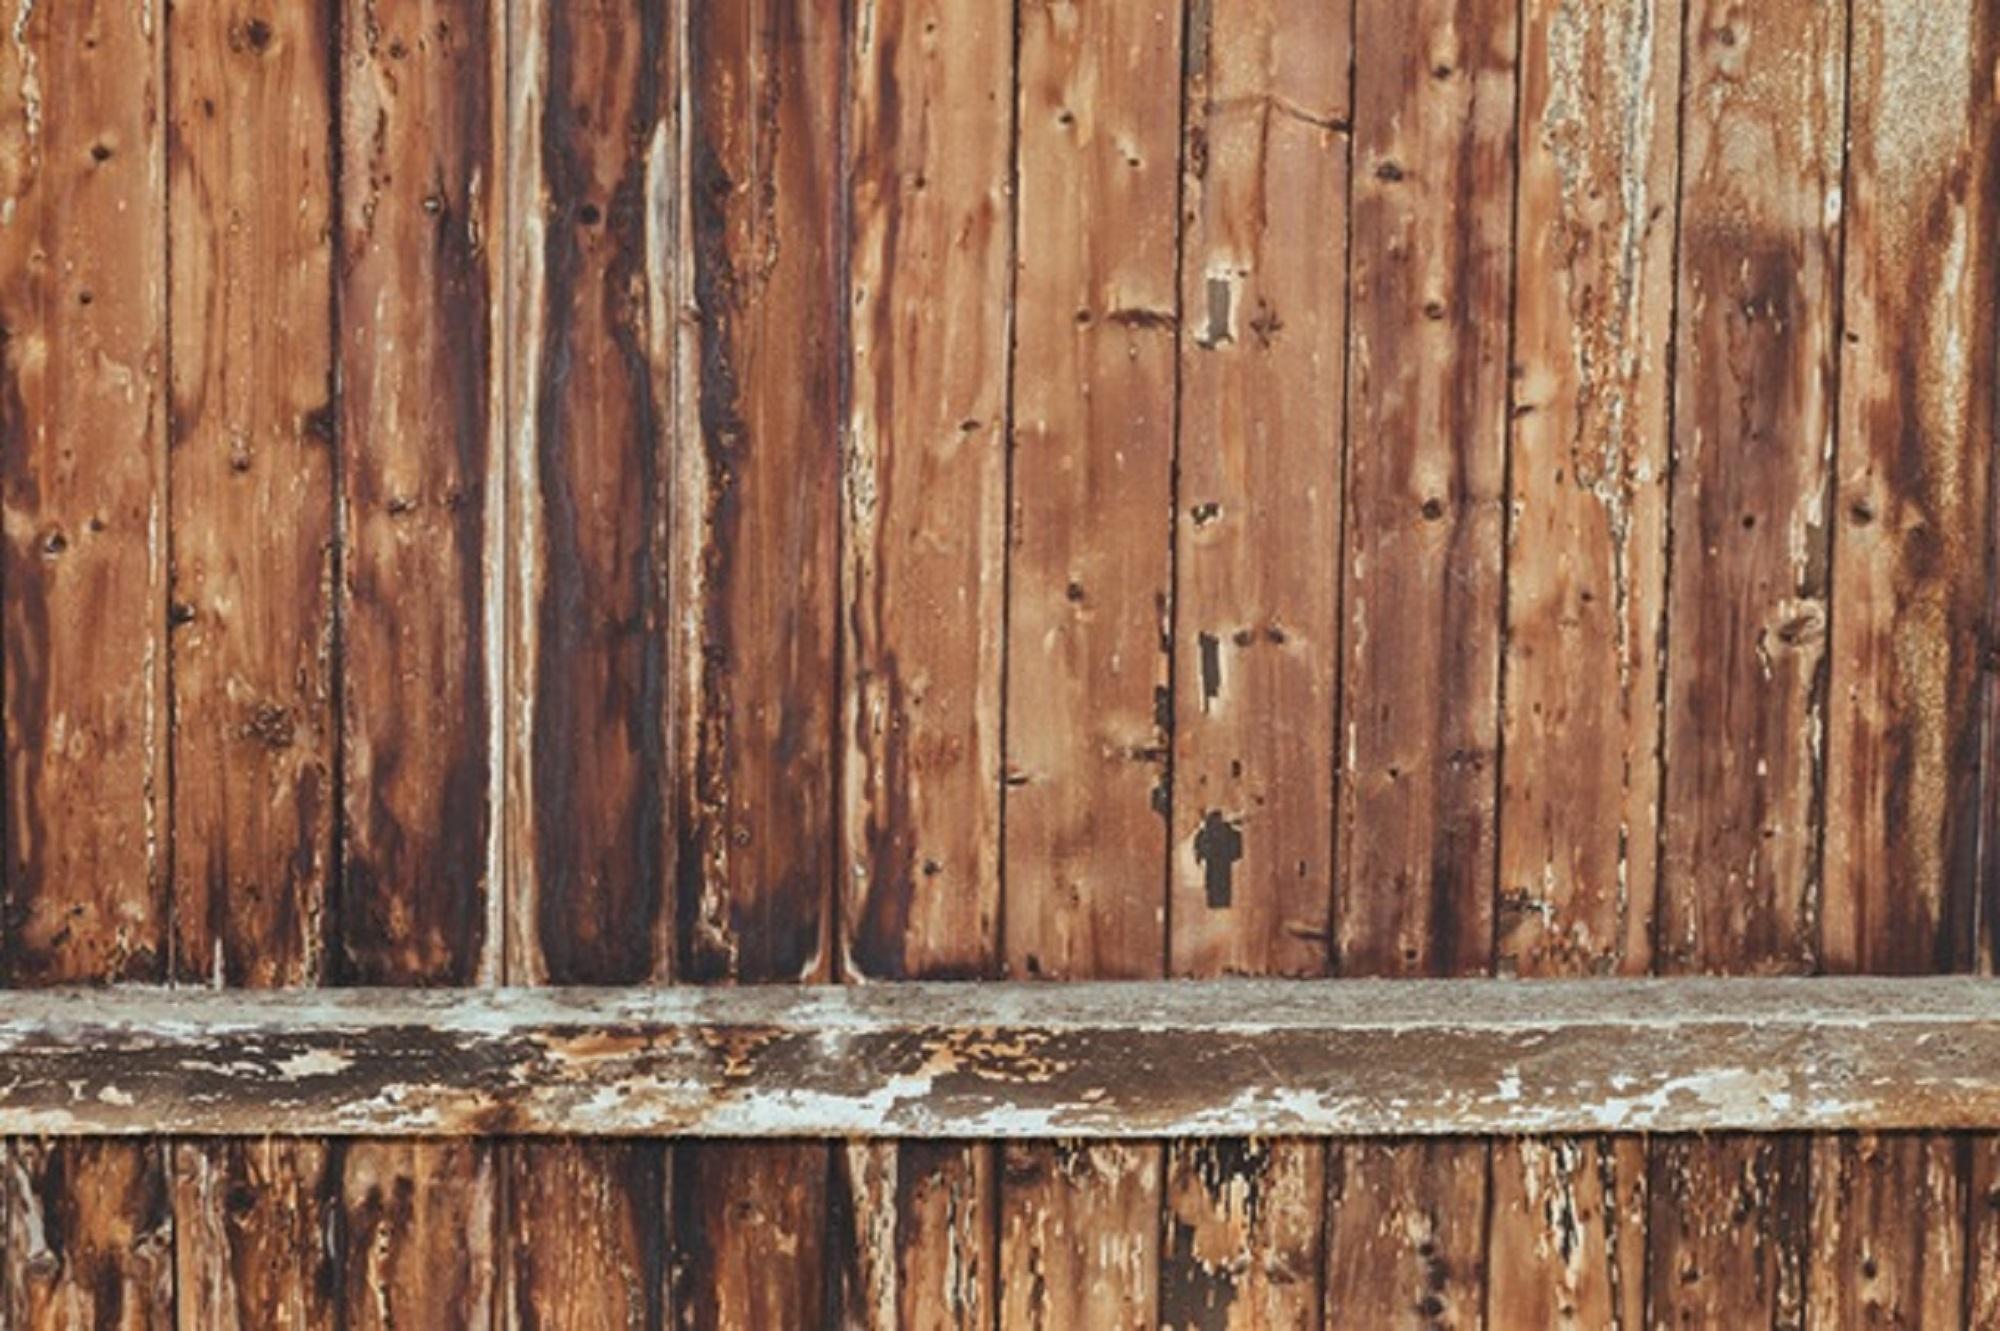 laredo fencing company background